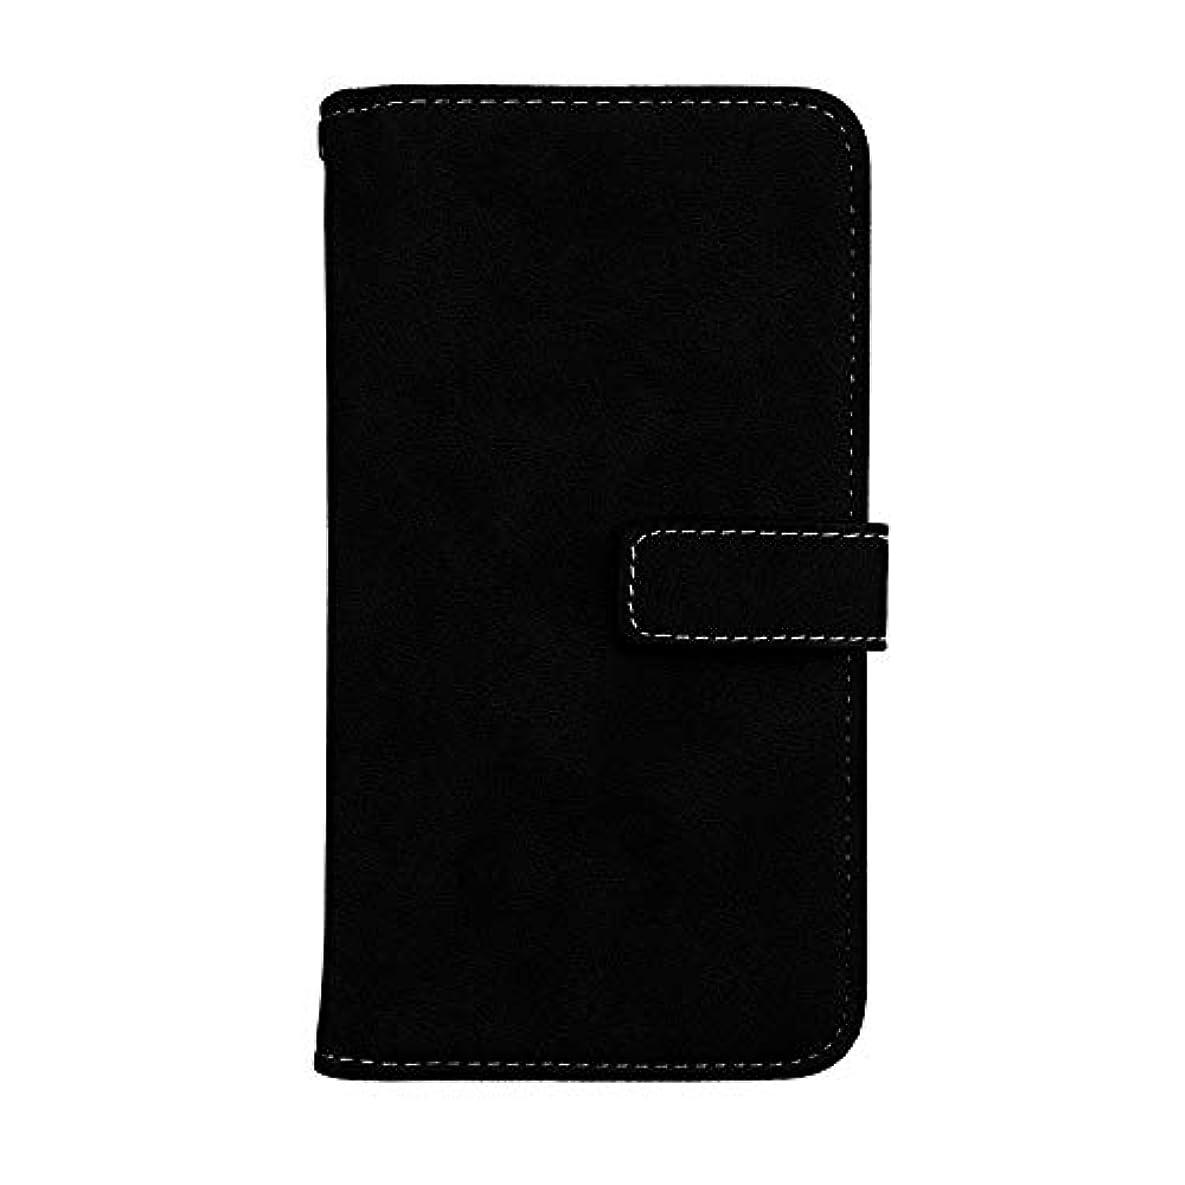 逮捕例示する踏み台Xiaomi Redmi Note 4 高品質 マグネット ケース, CUNUS 携帯電話 ケース 軽量 柔軟 高品質 耐摩擦 カード収納 カバー Xiaomi Redmi Note 4 用, ブラック